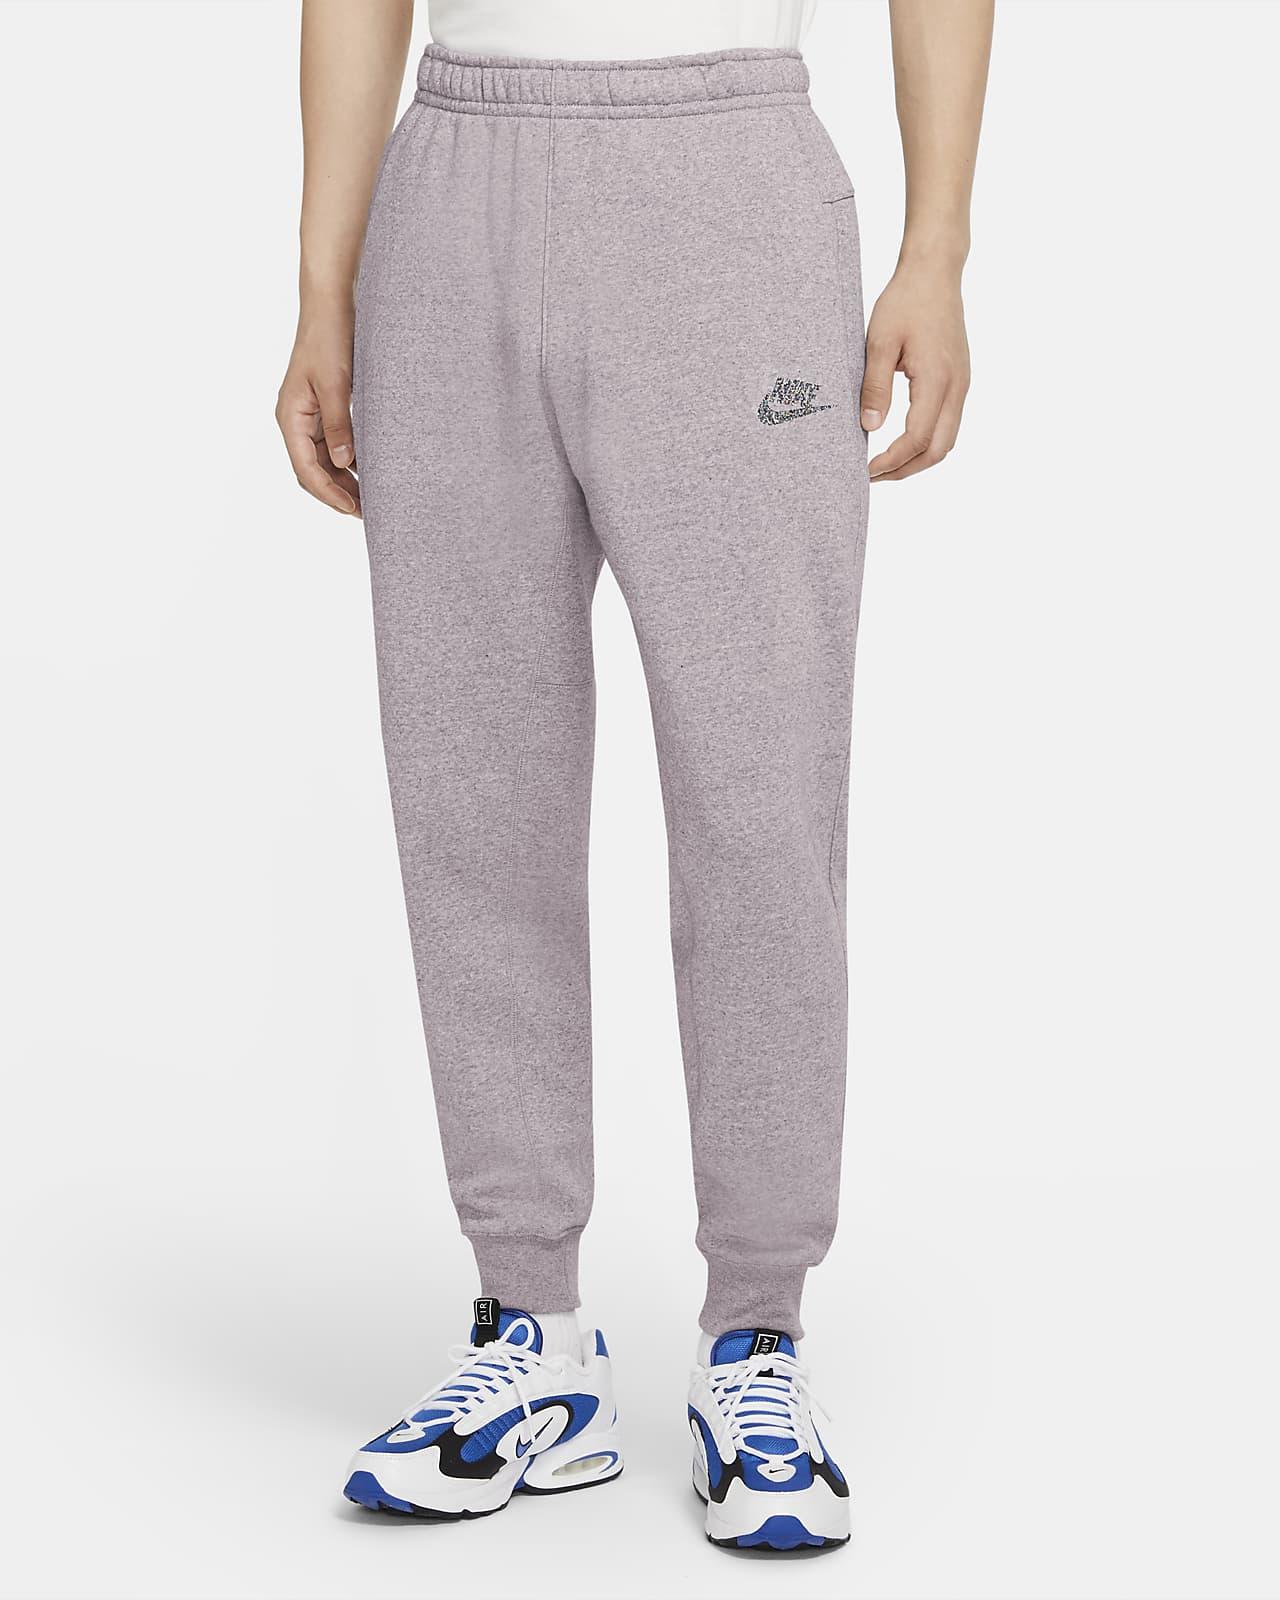 Ανδρικό παντελόνι Nike Sportswear